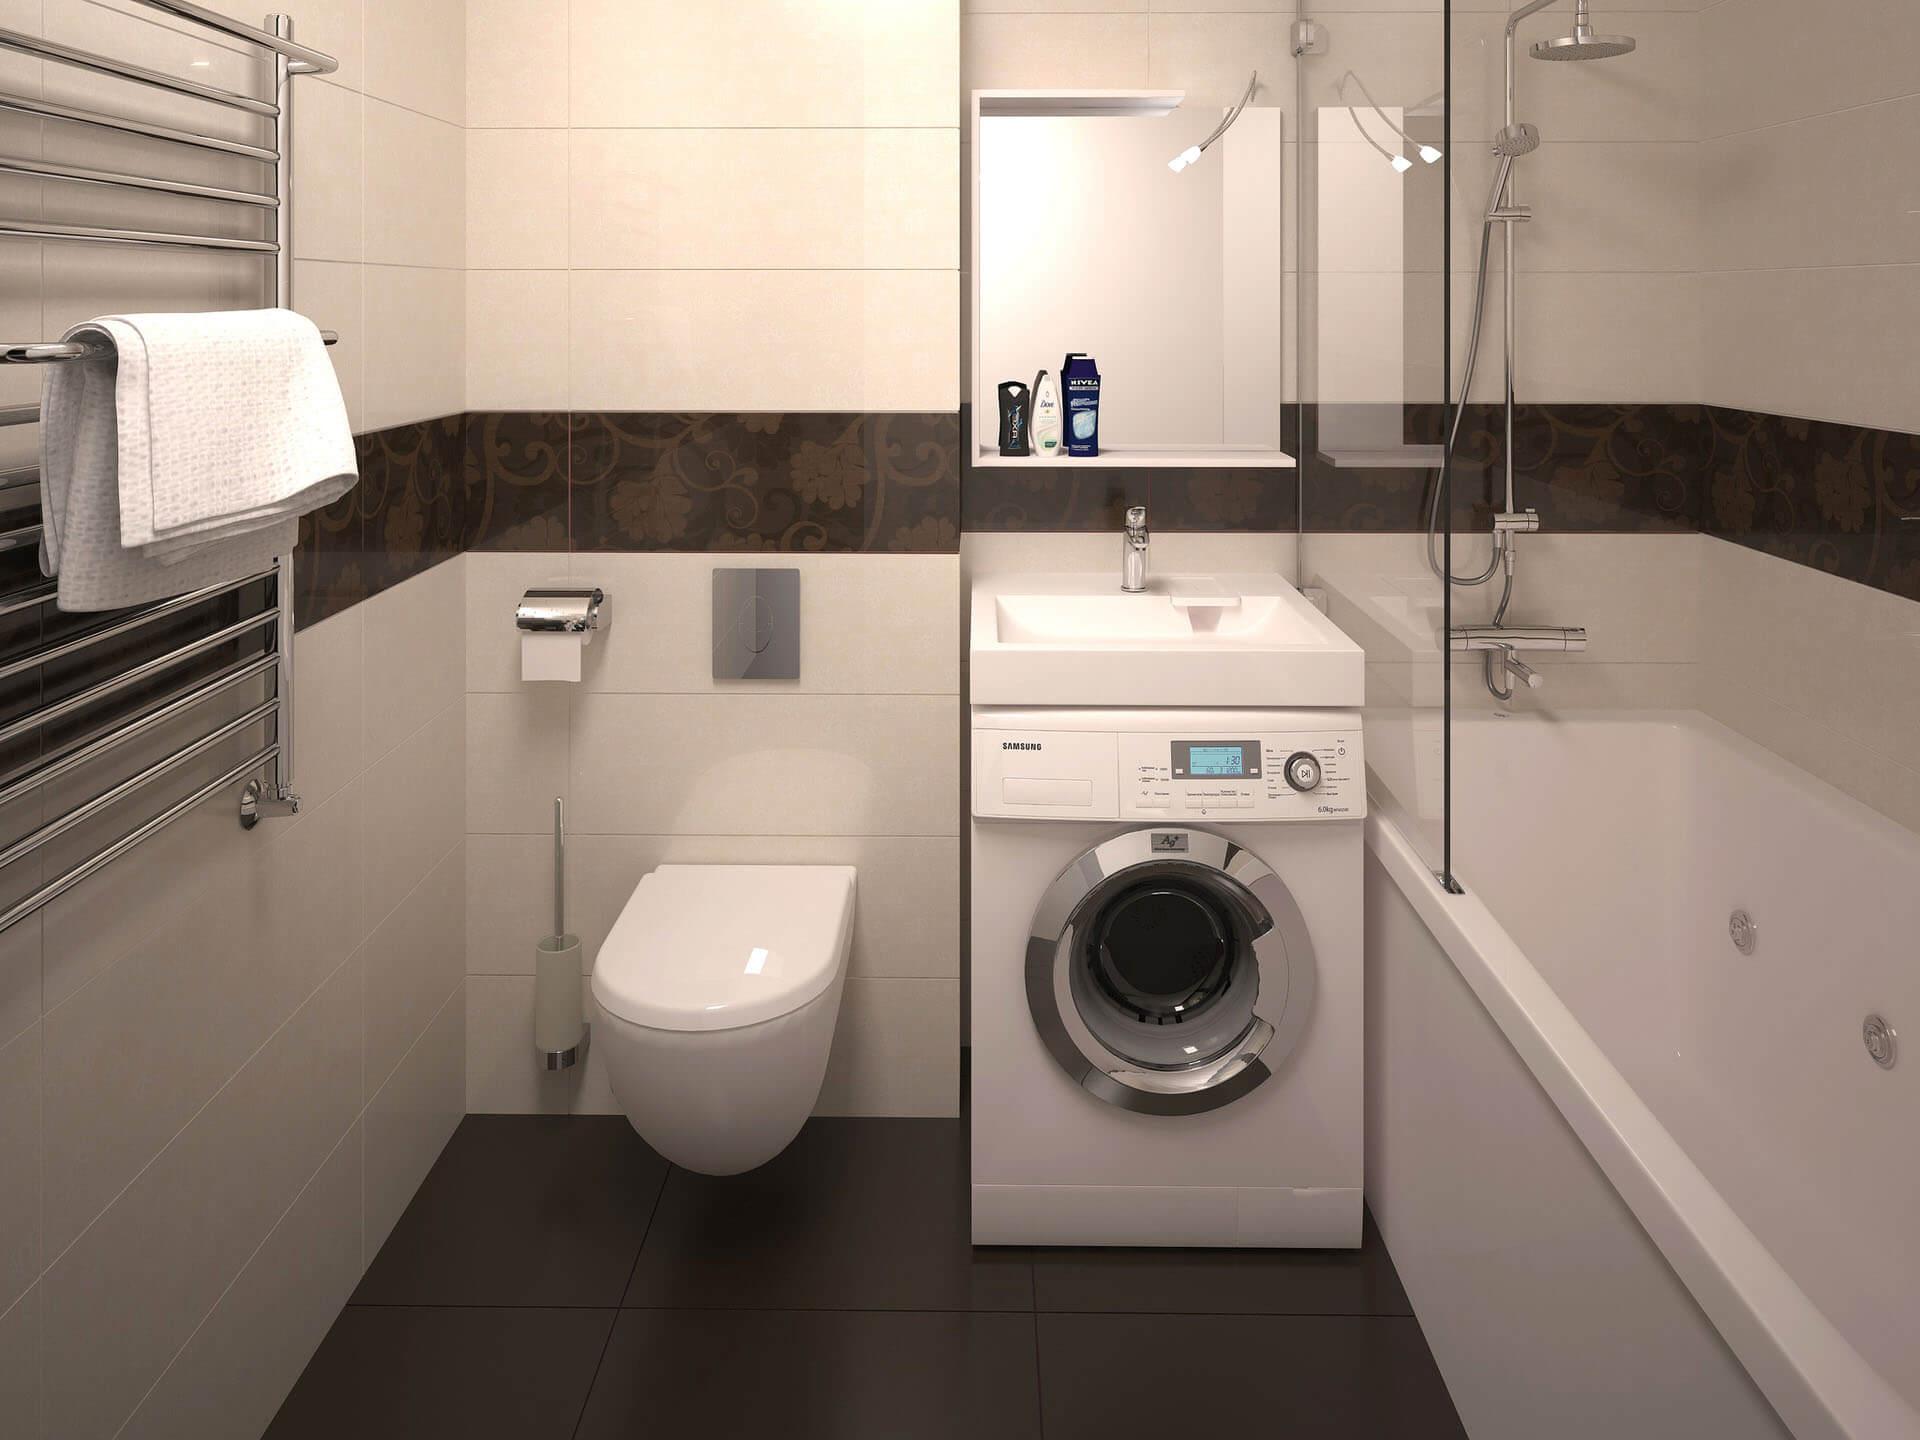 стиральная машина в ванной дизайн